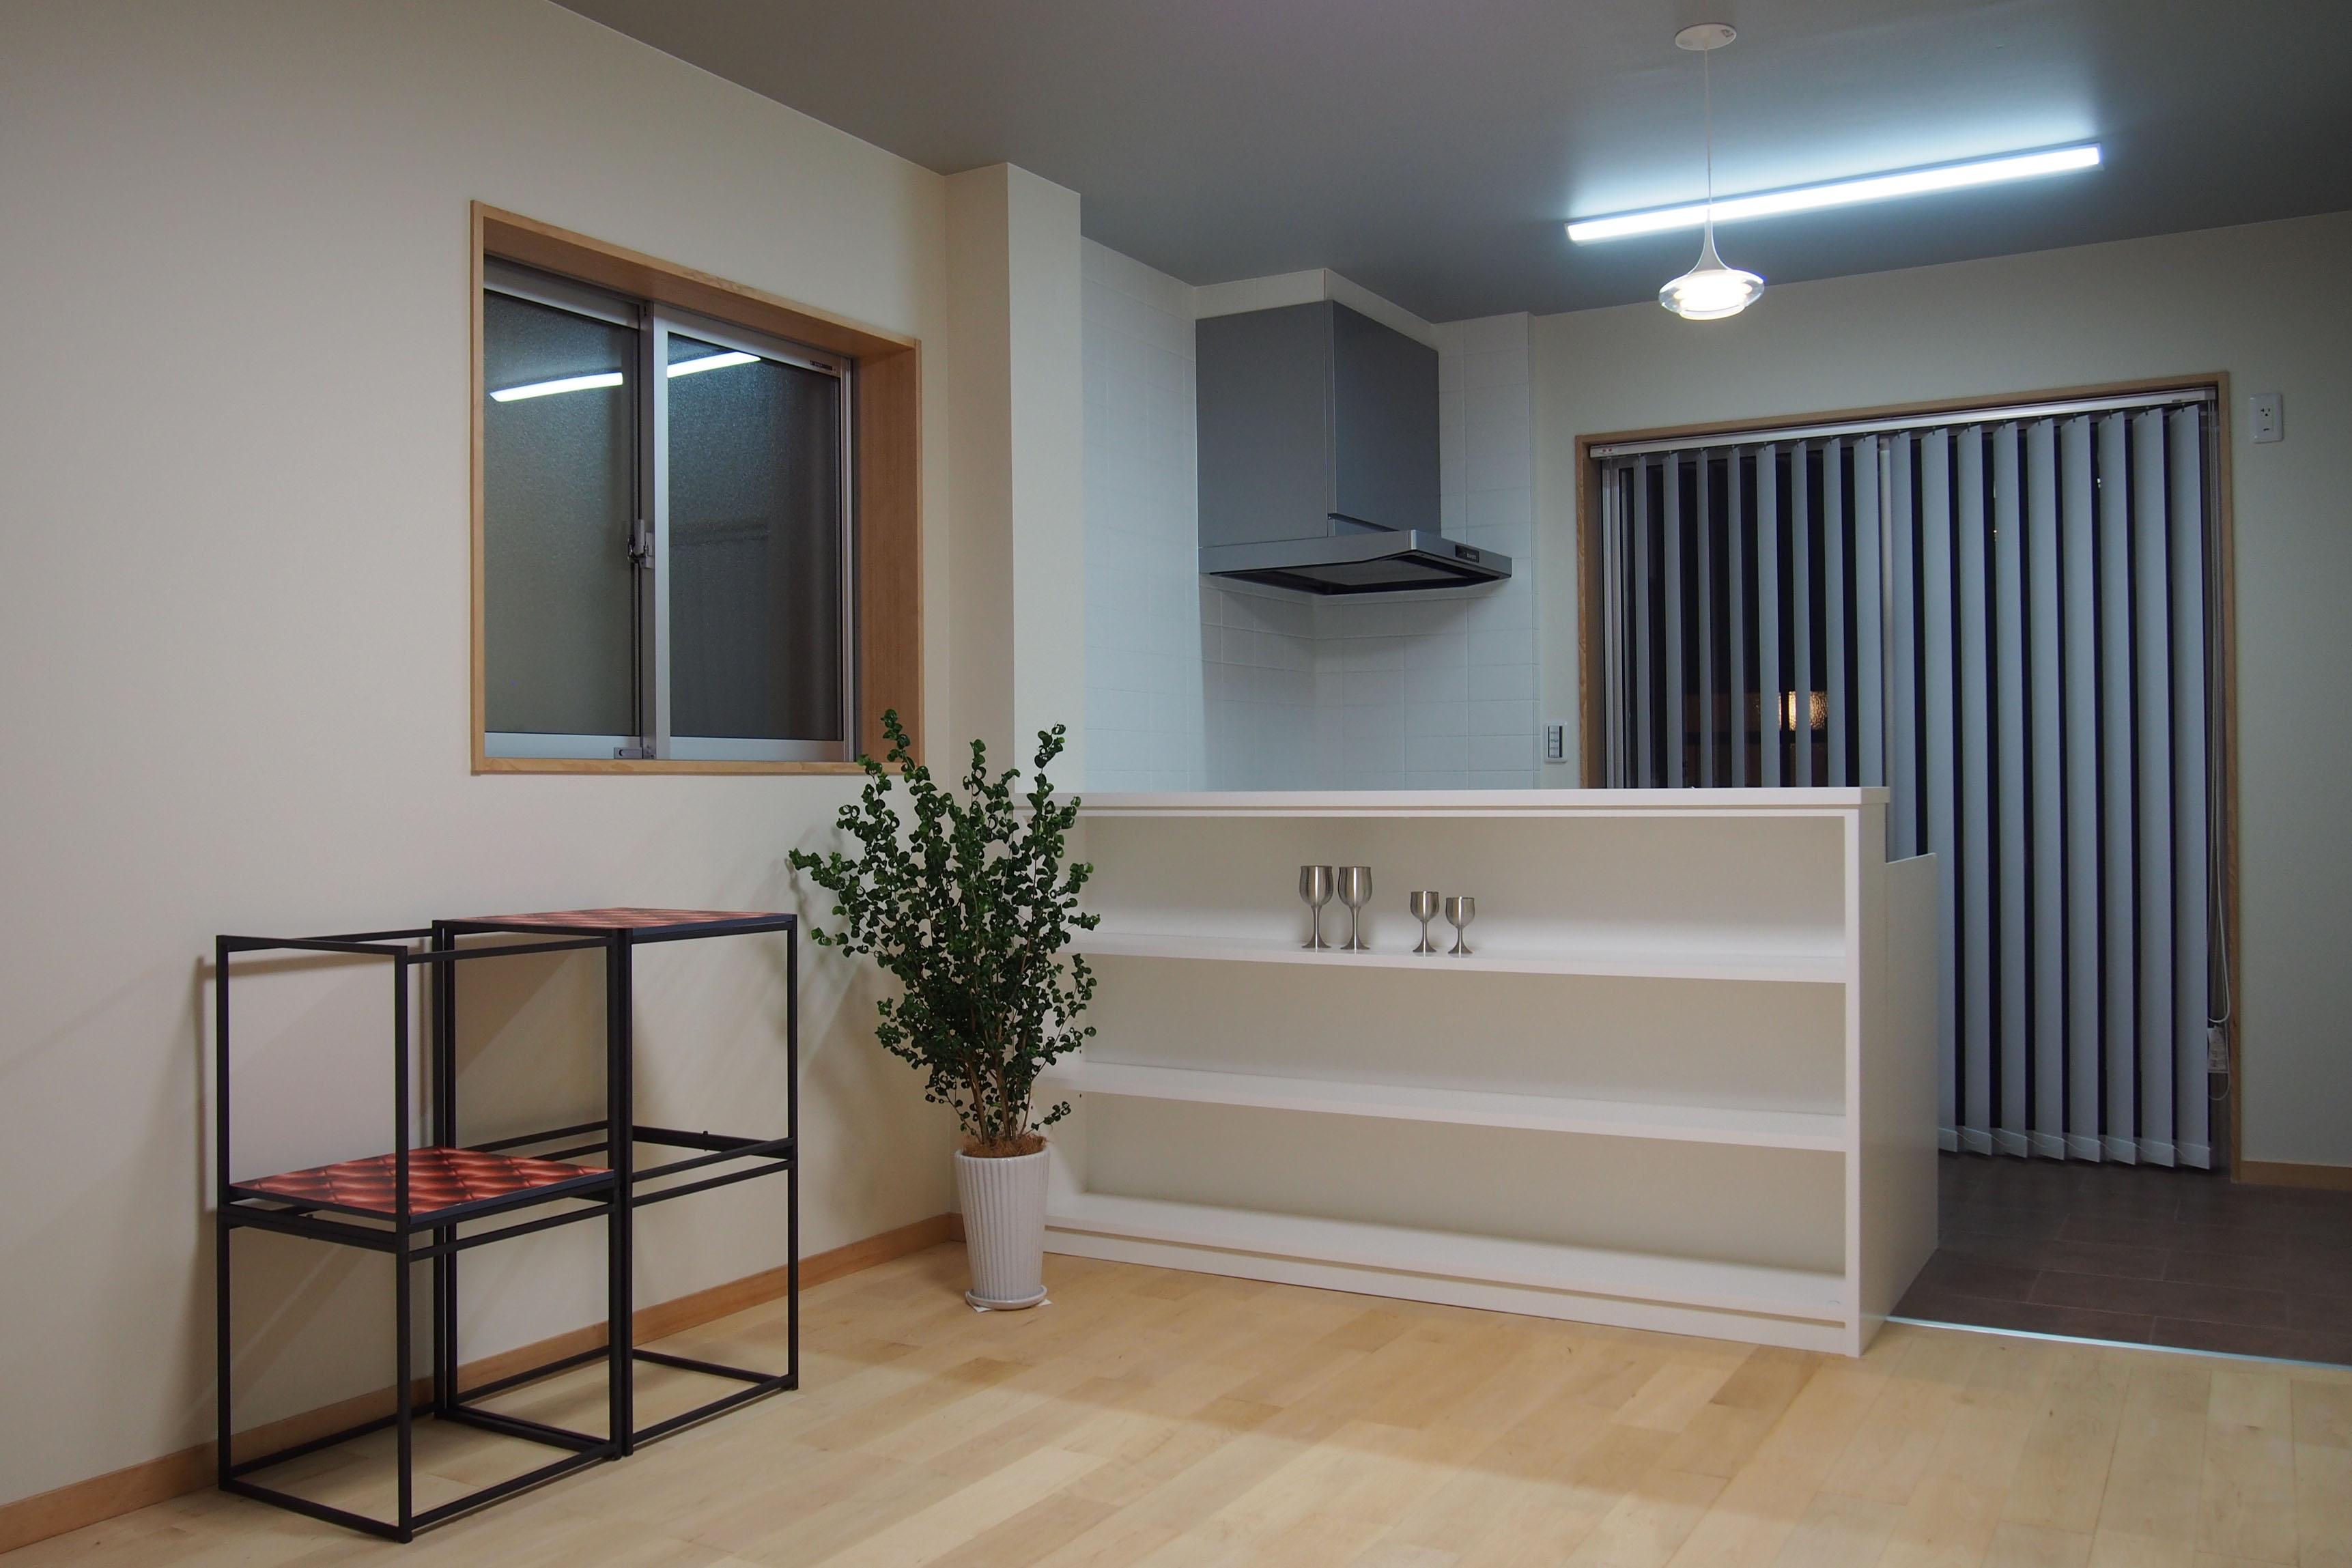 戸建 リノベーション デザイン 静岡